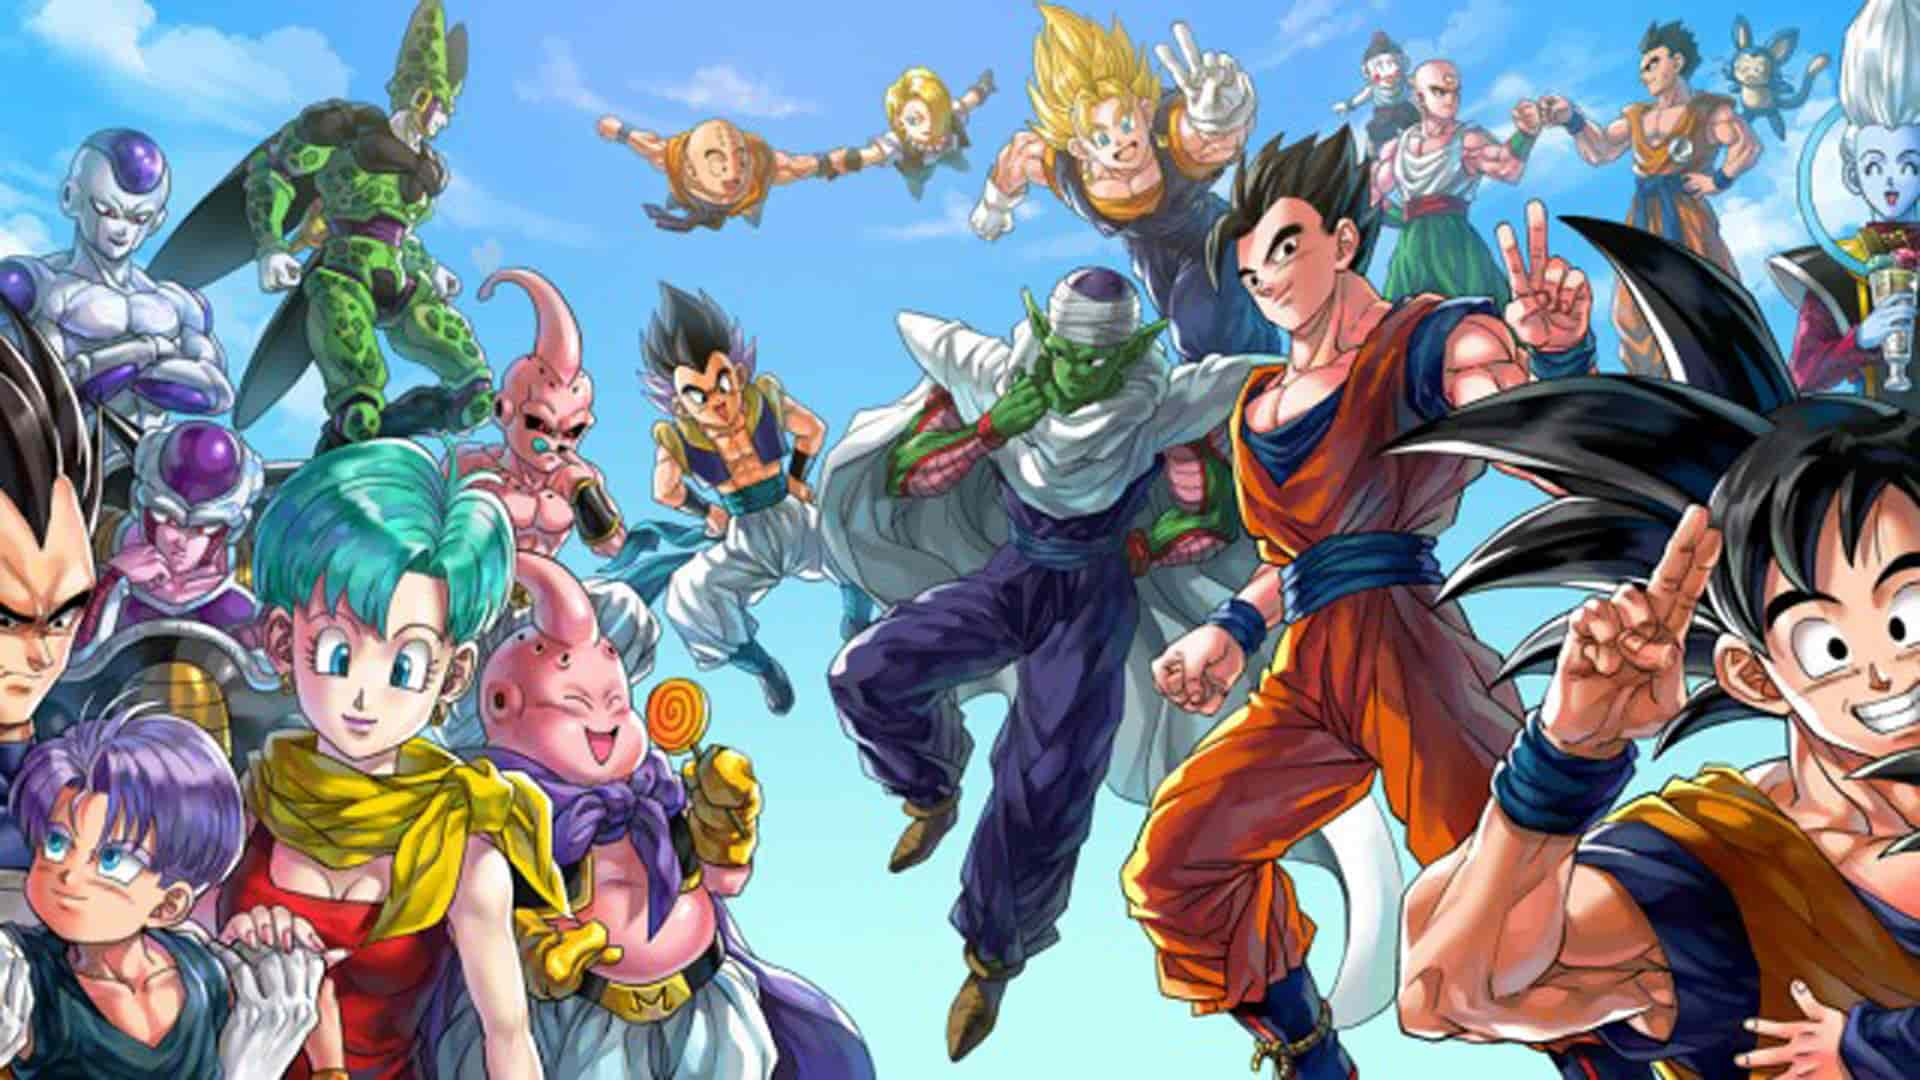 dagonball-anime